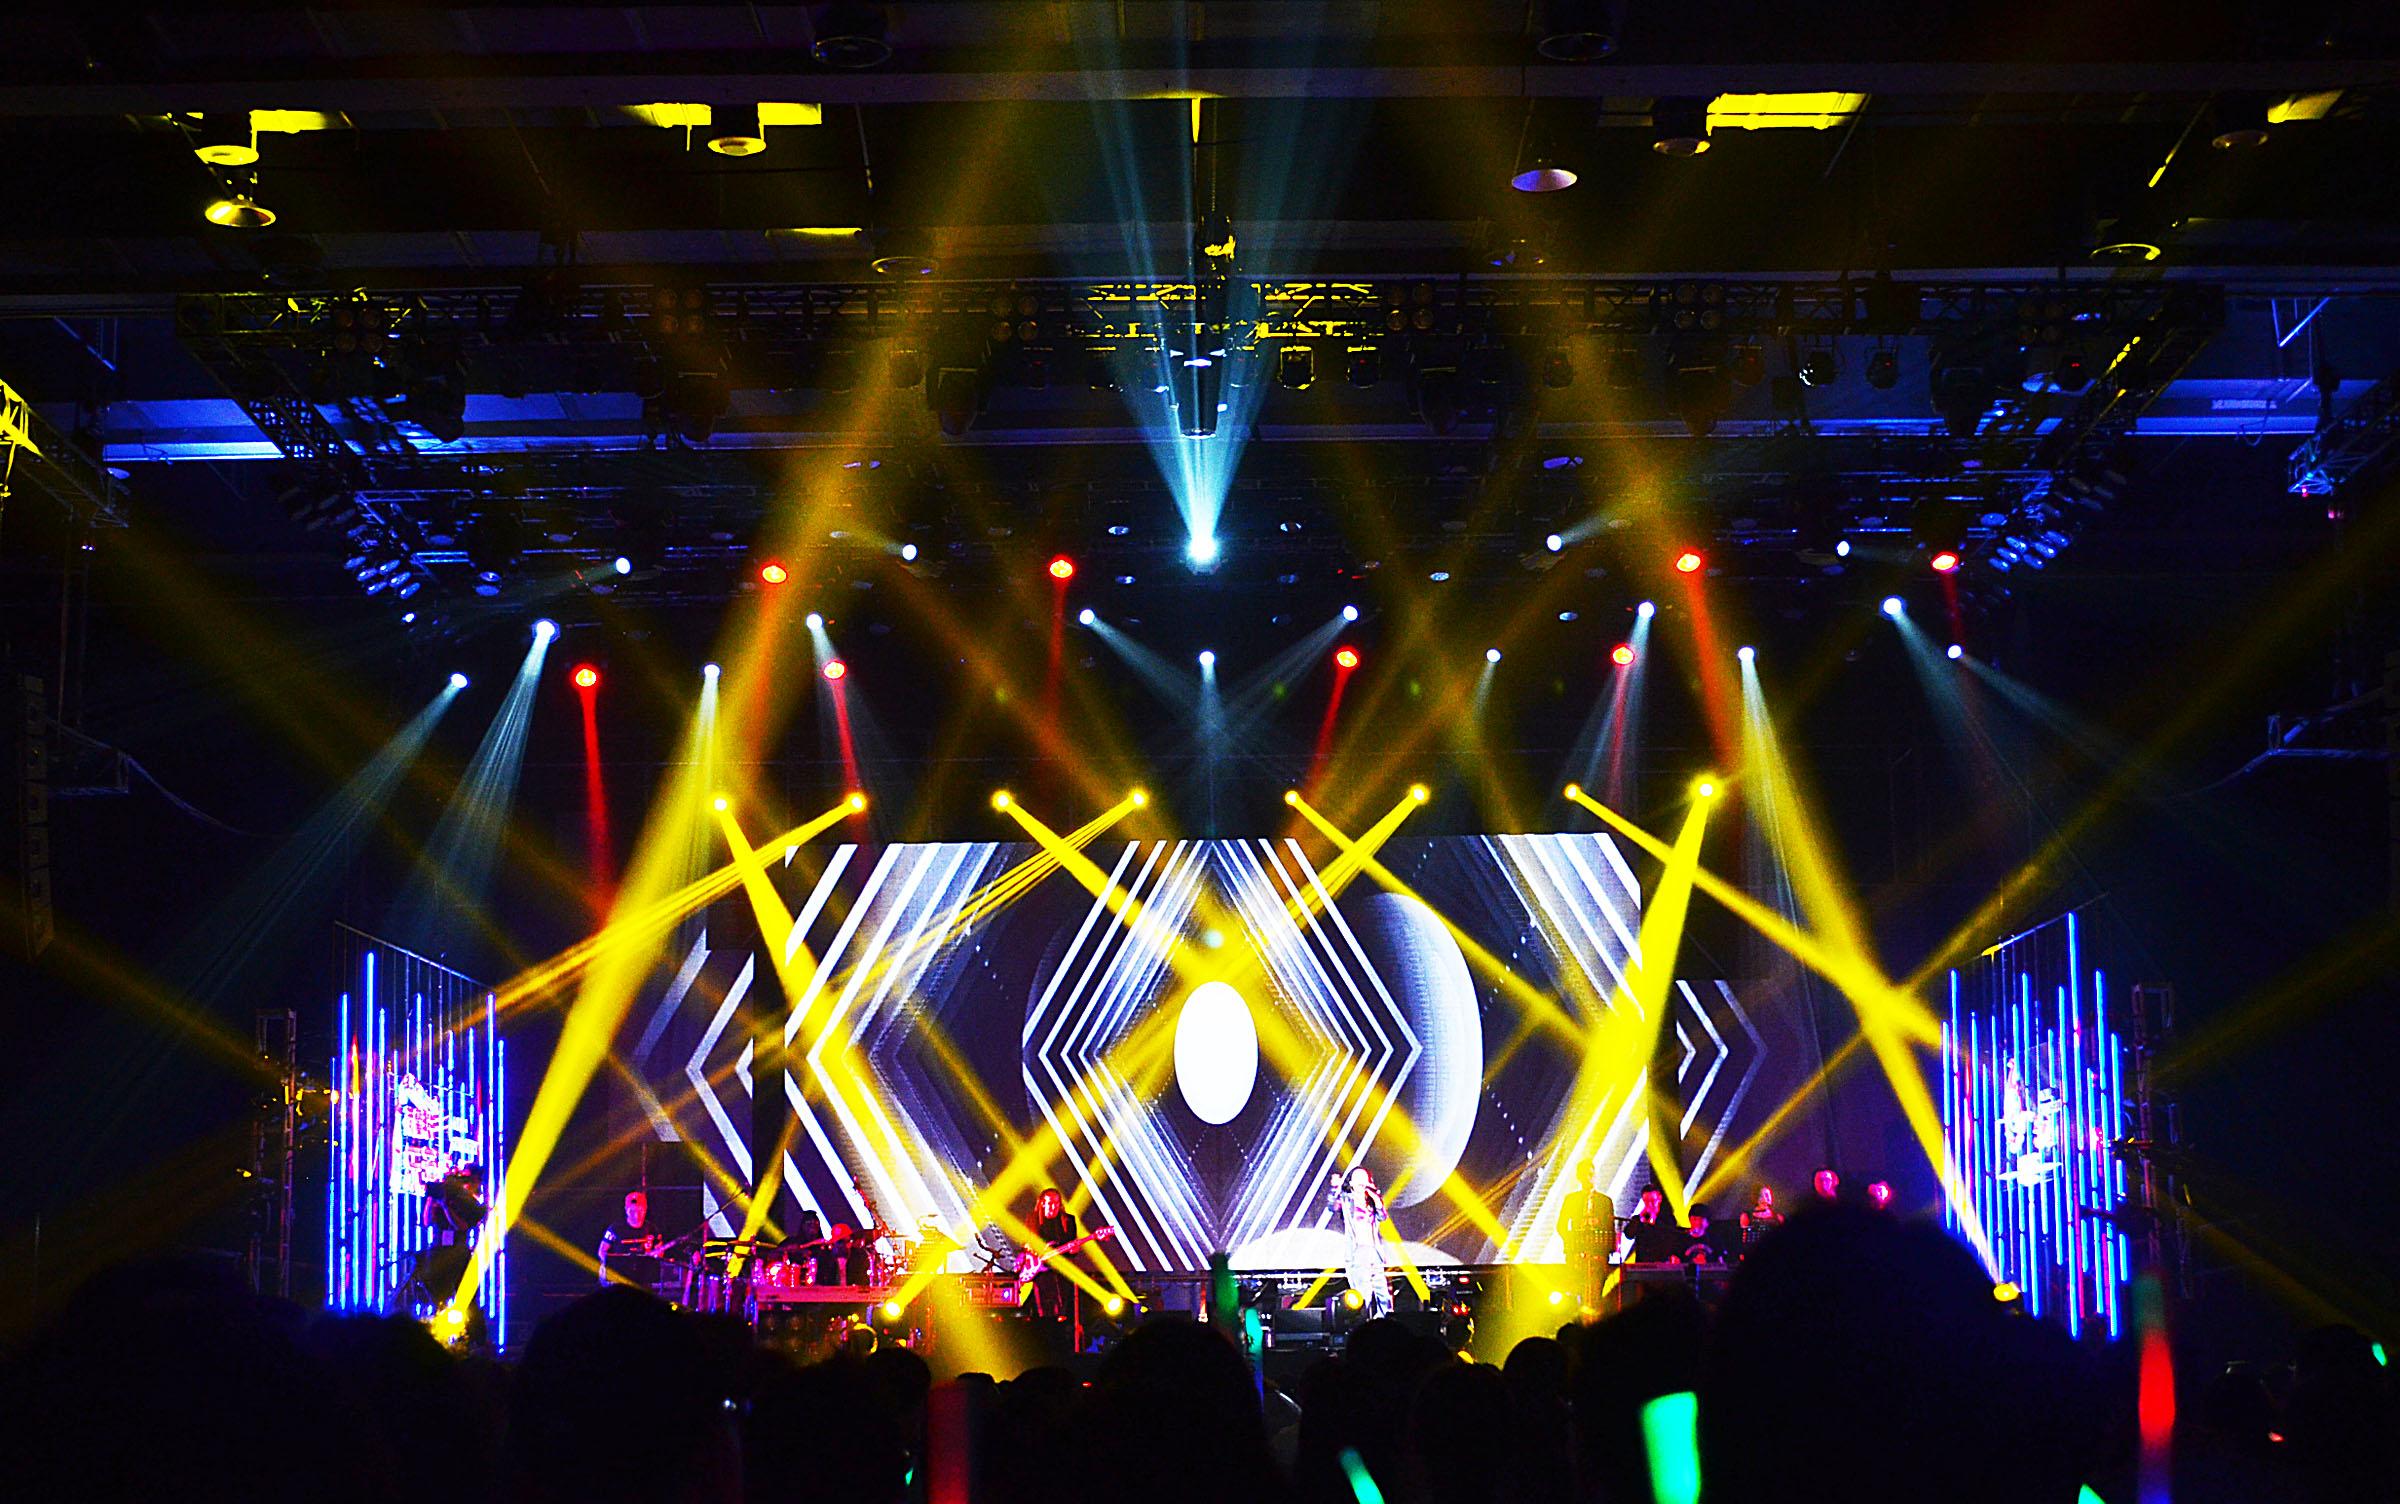 乐范+52 mini concert 袁娅维演唱会